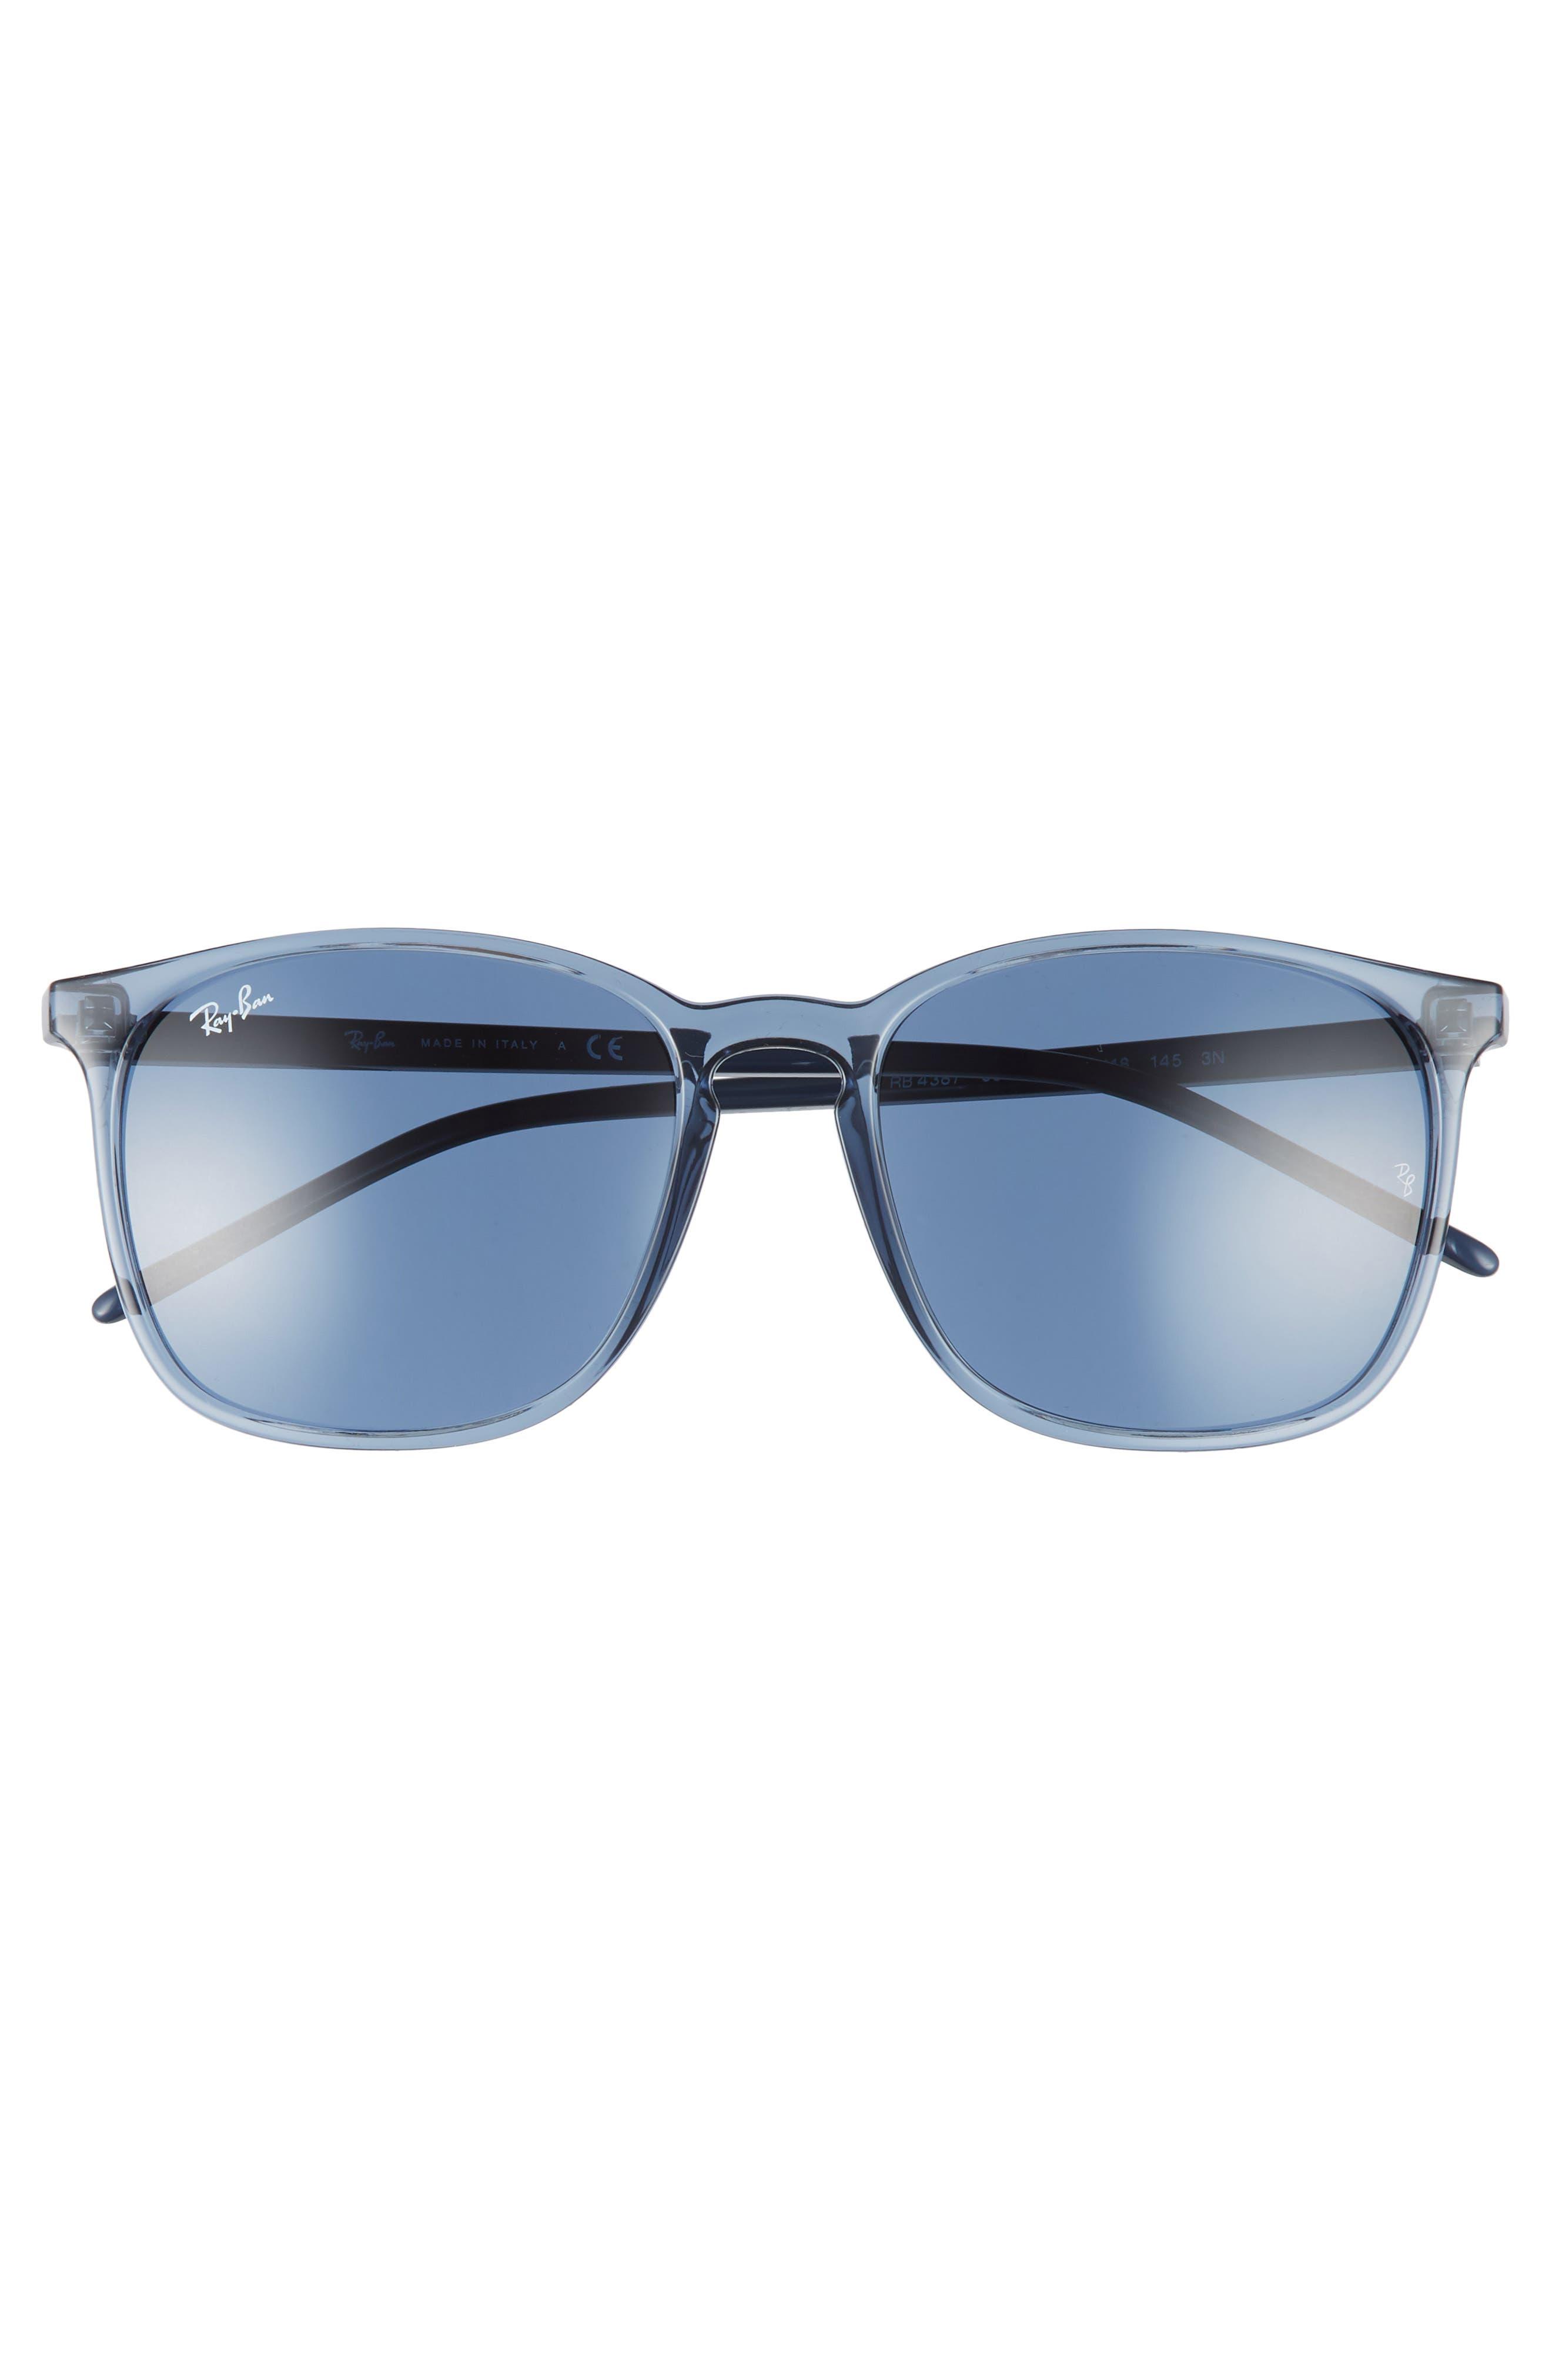 c3d2c11806 Blue Ray-Ban Sunglasses